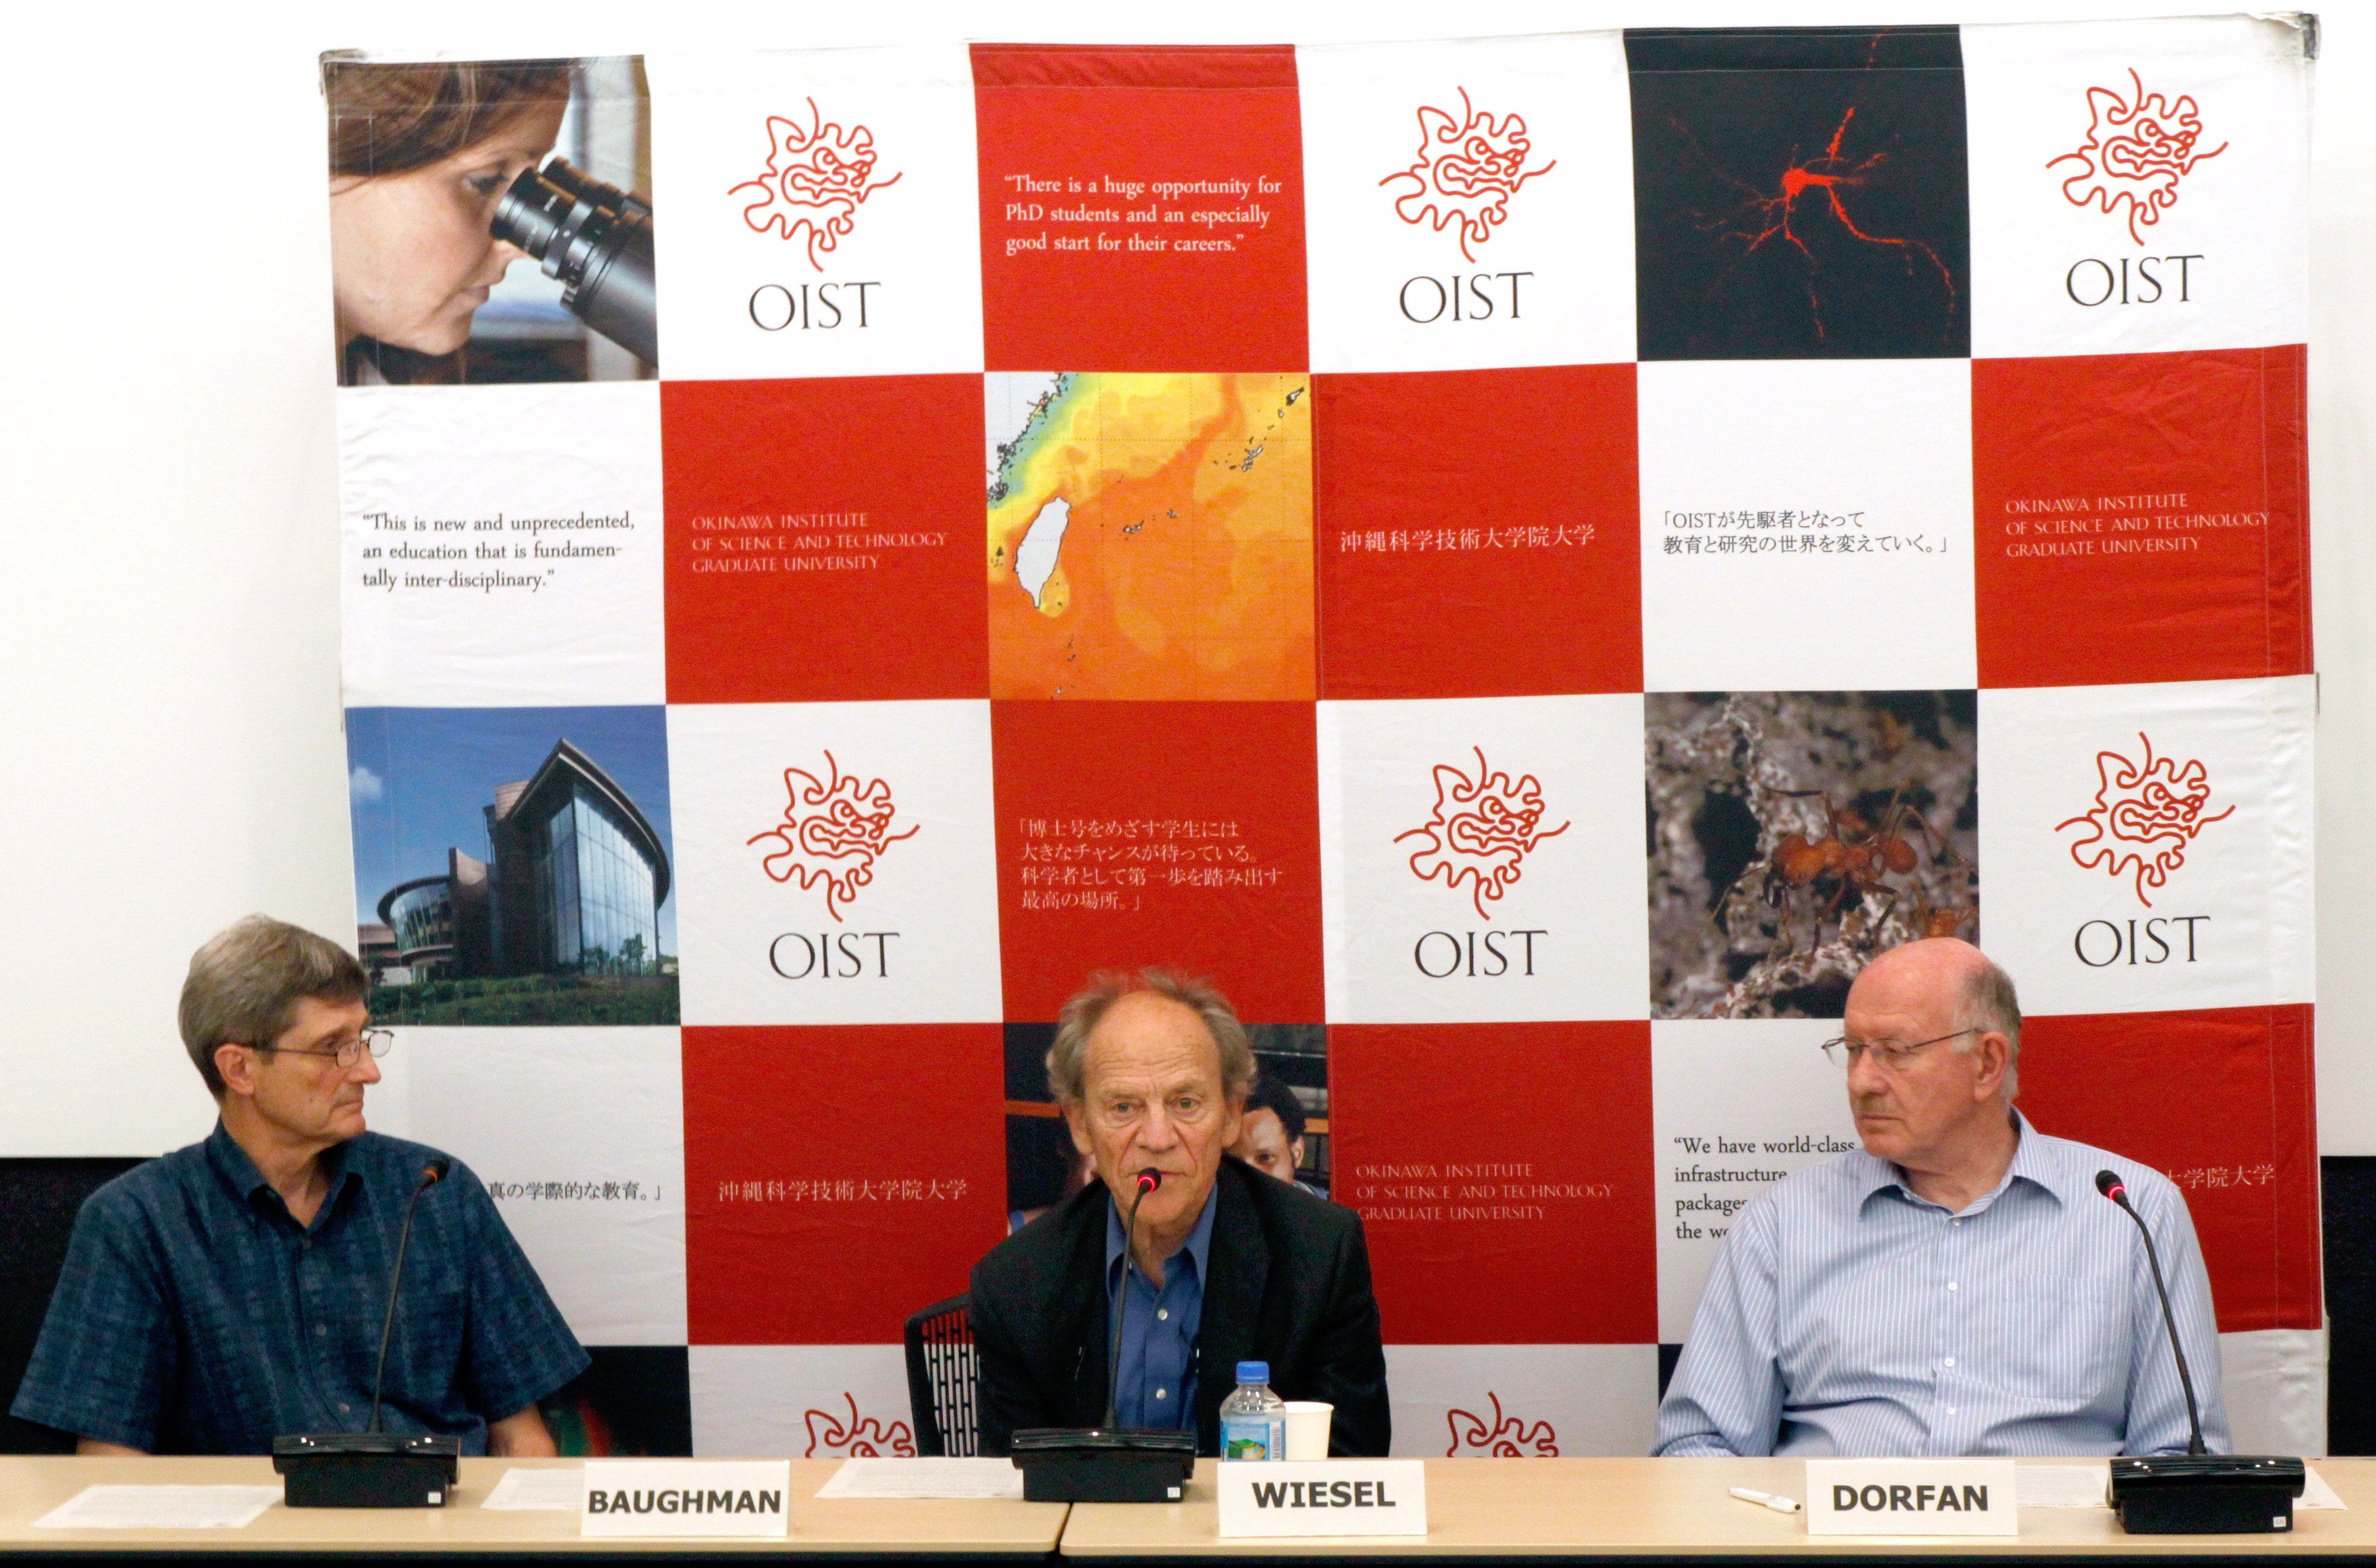 沖縄科学技術大学院大学学園(OIST)の理事会の第4回会合の記者会見